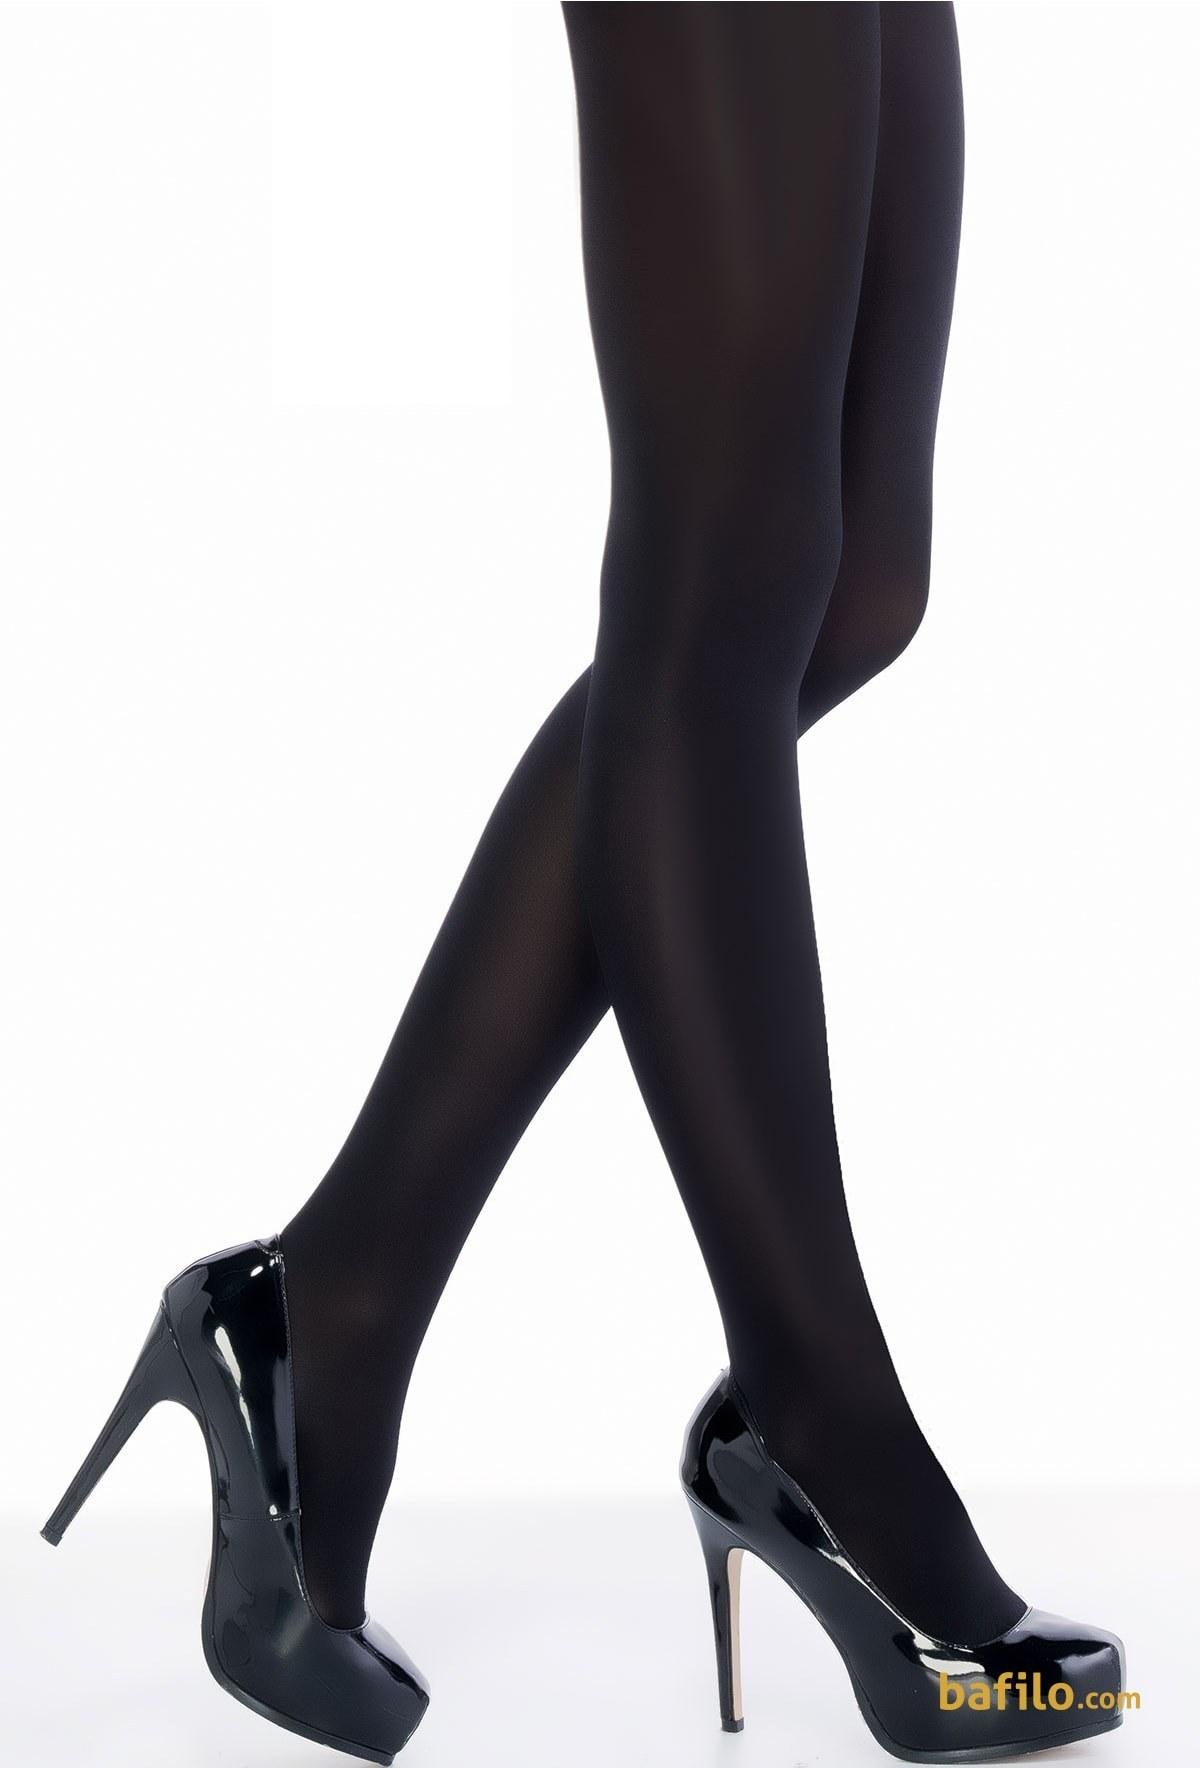 جوراب شلواری ضخیم زنانه پنتی Mikro 100 - مشکی